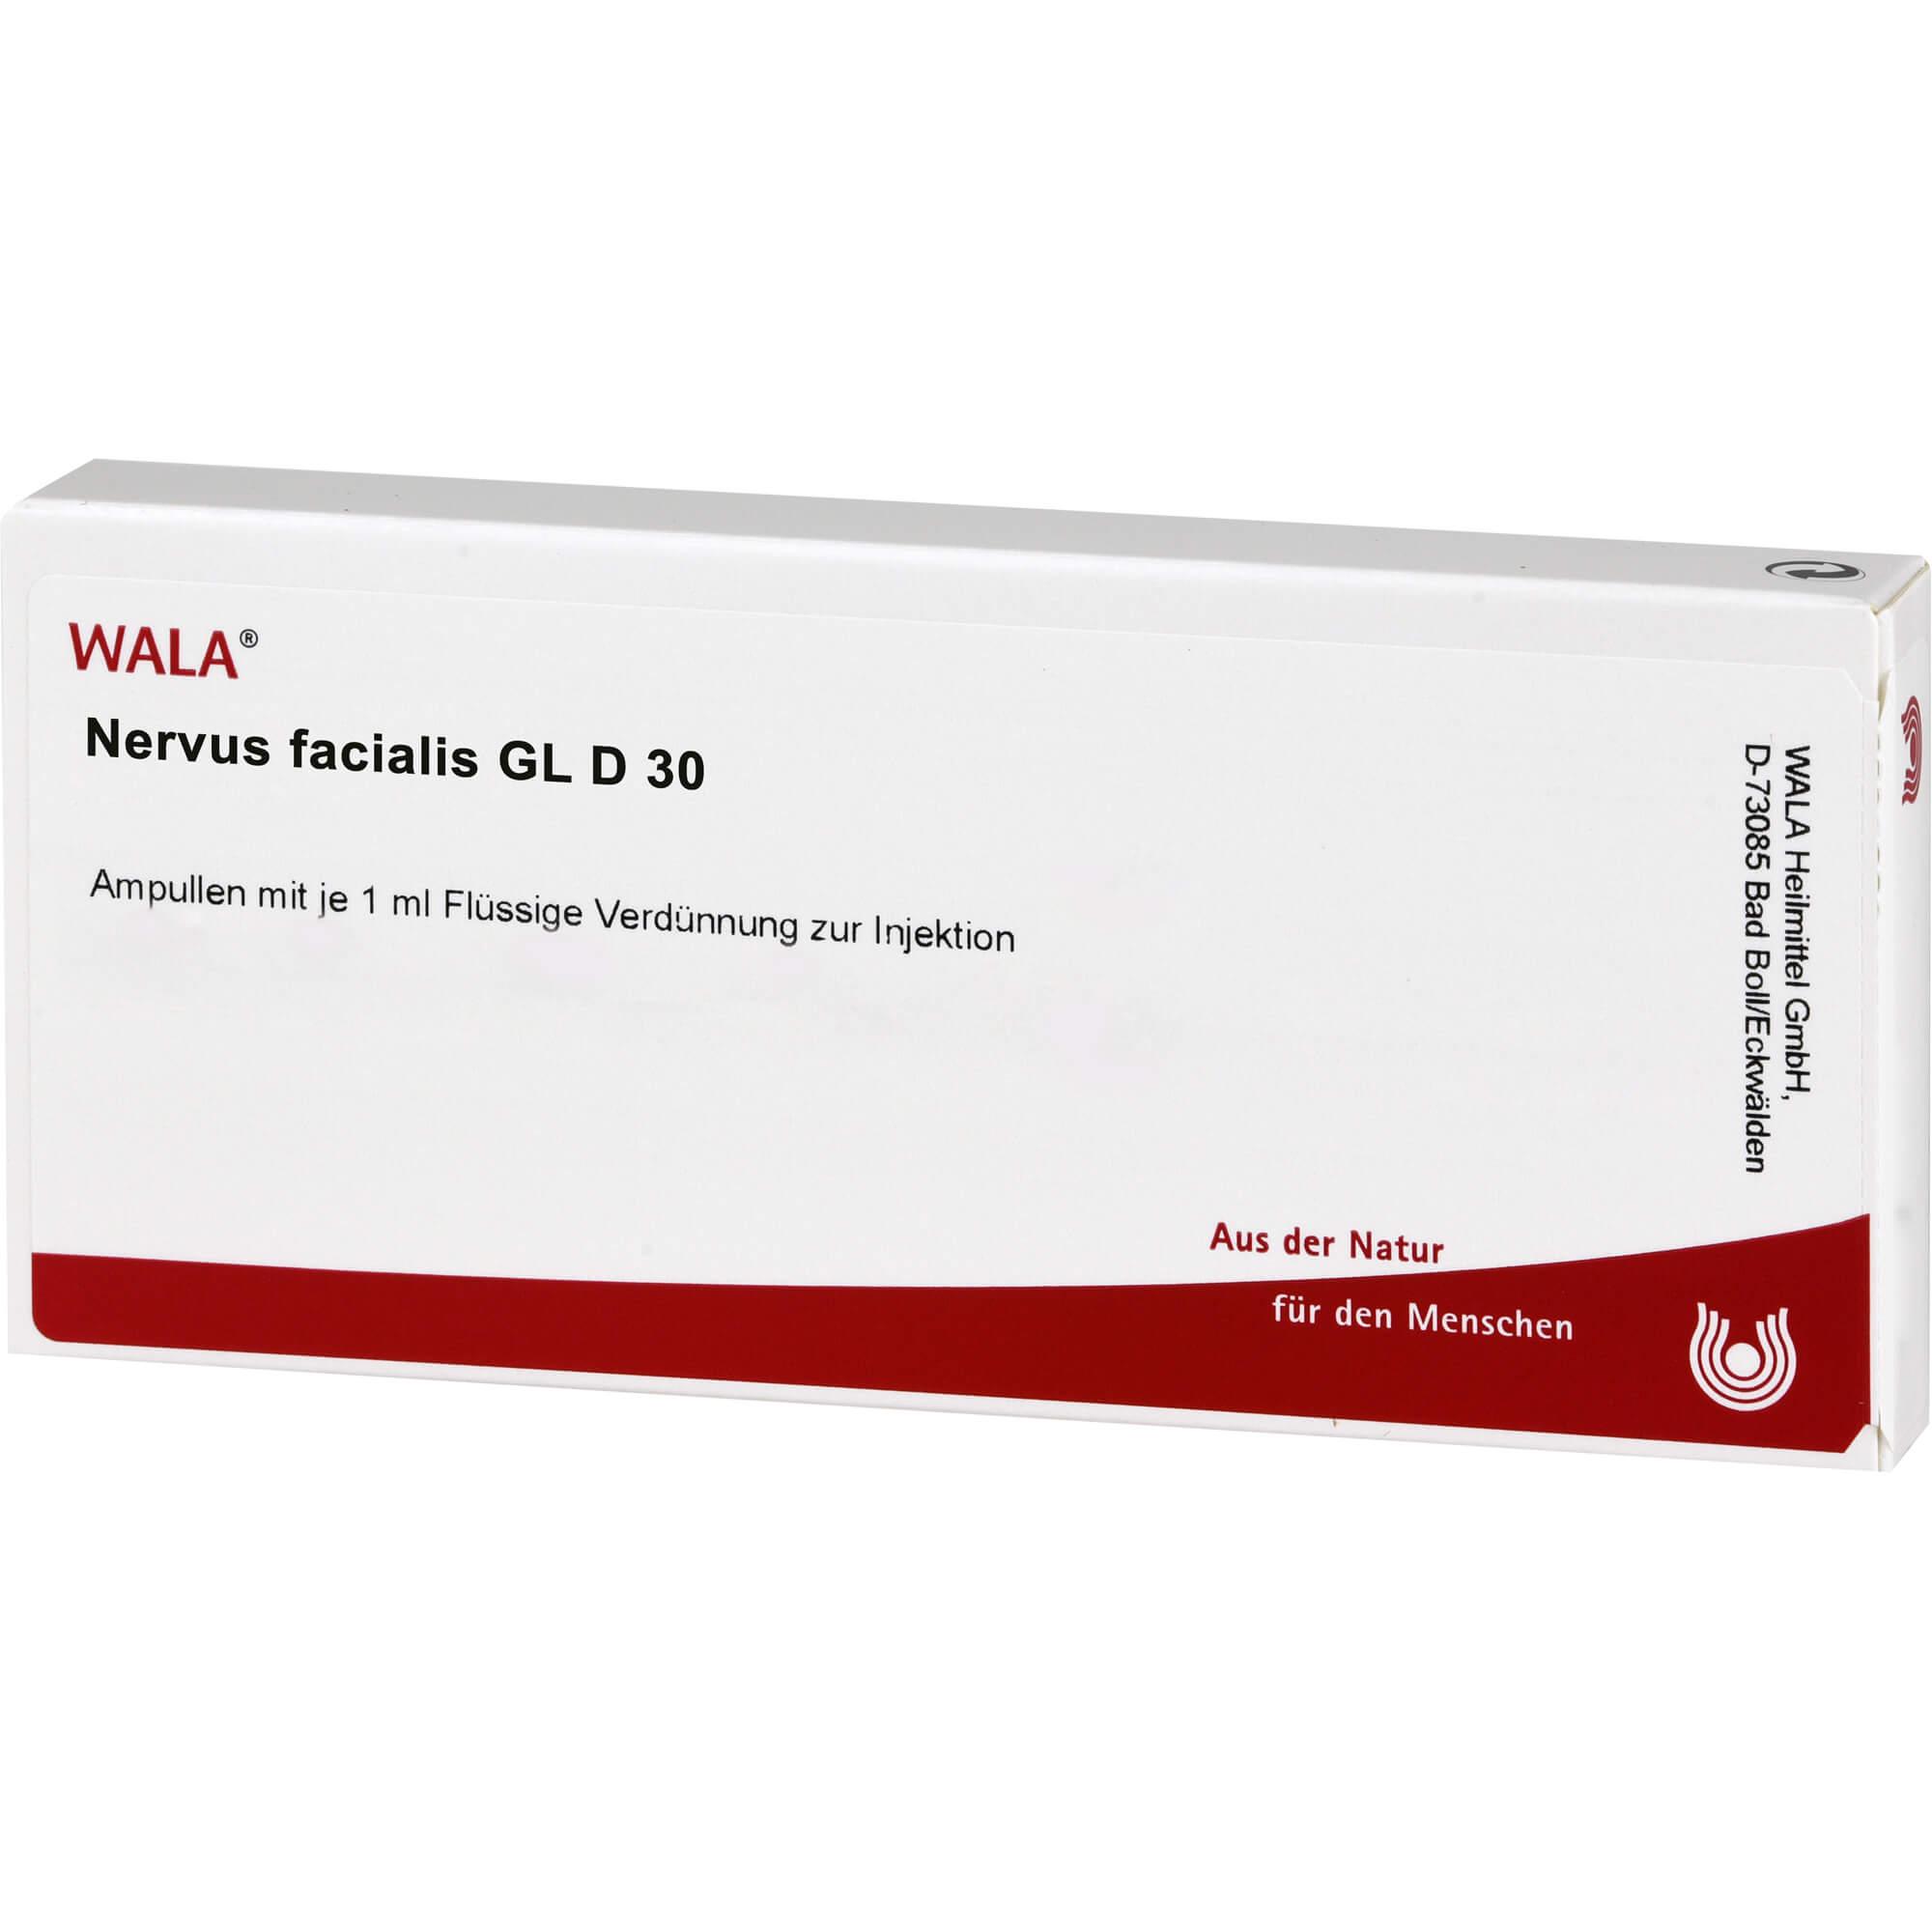 NERVUS FACIALIS GL D 30 Ampullen